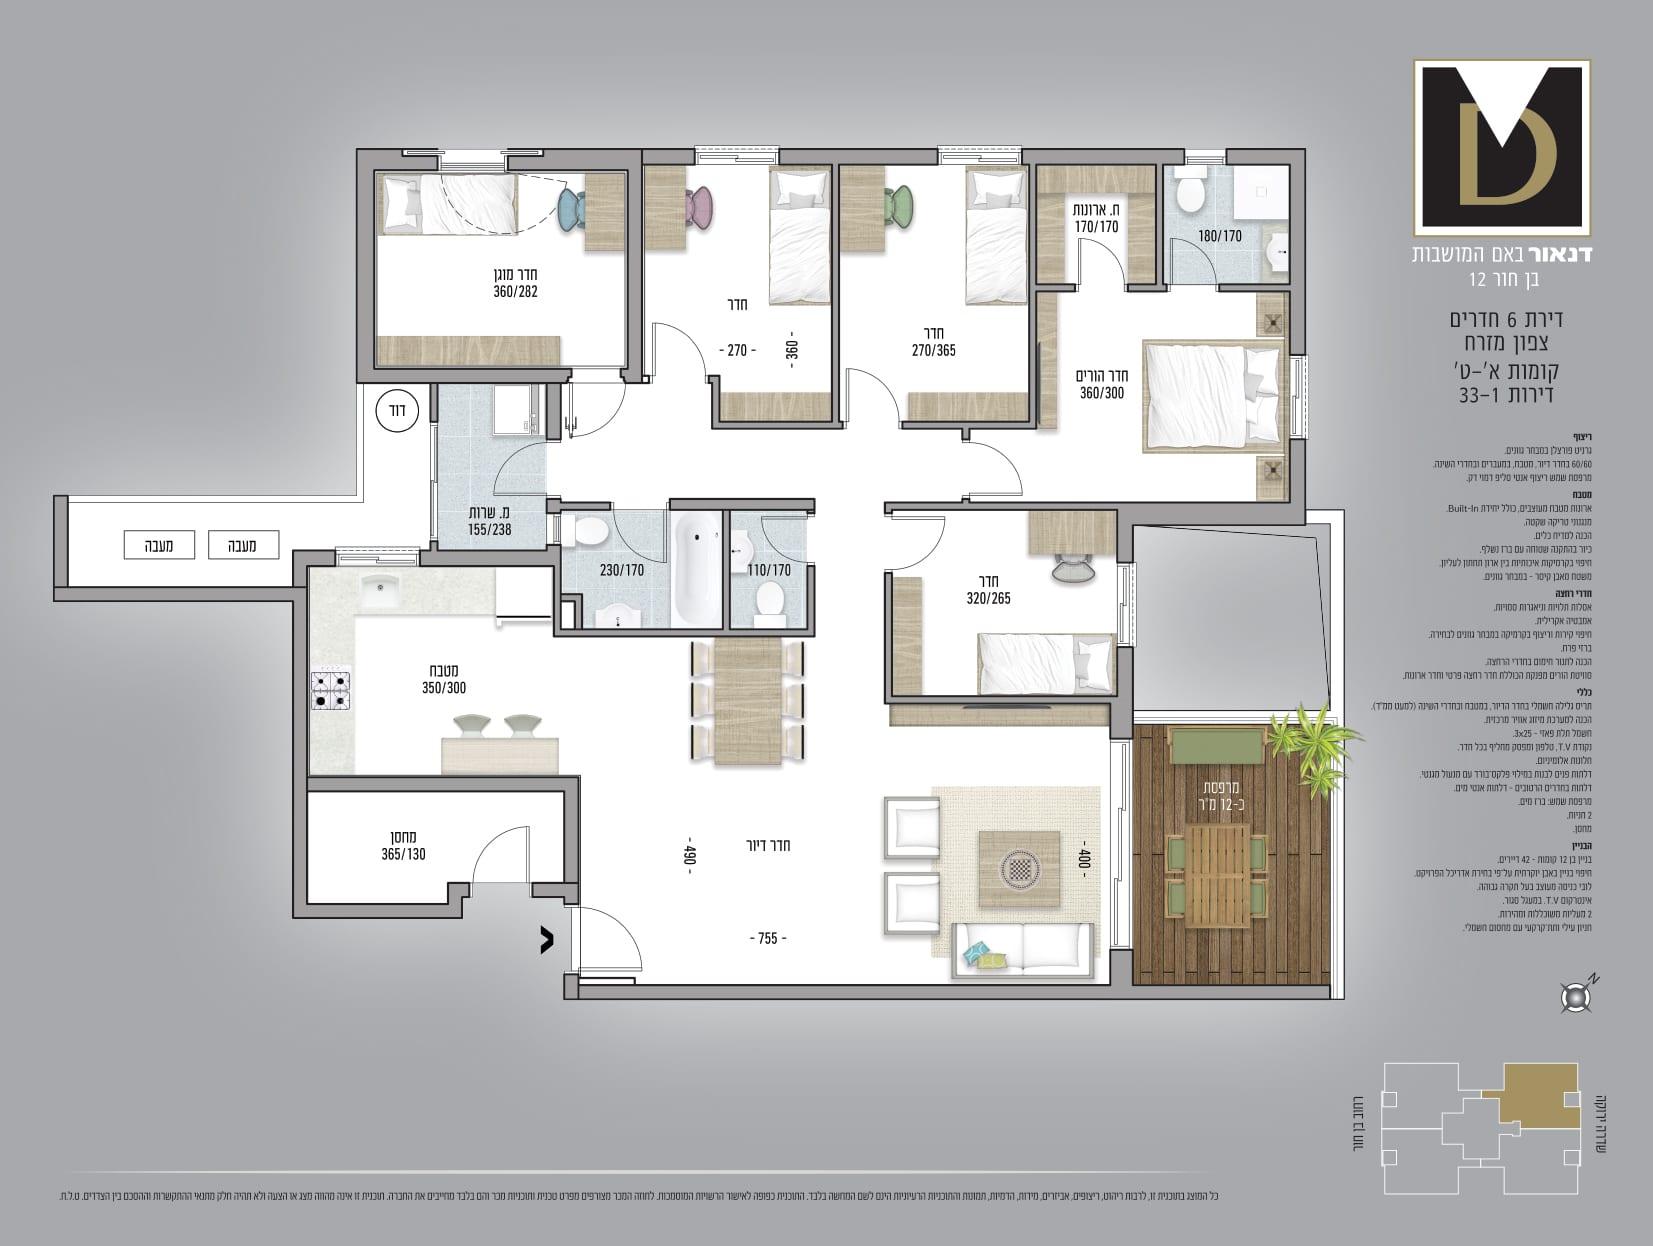 דירת 6 חדרים, קומות 1-9, דירות מספר 1-33